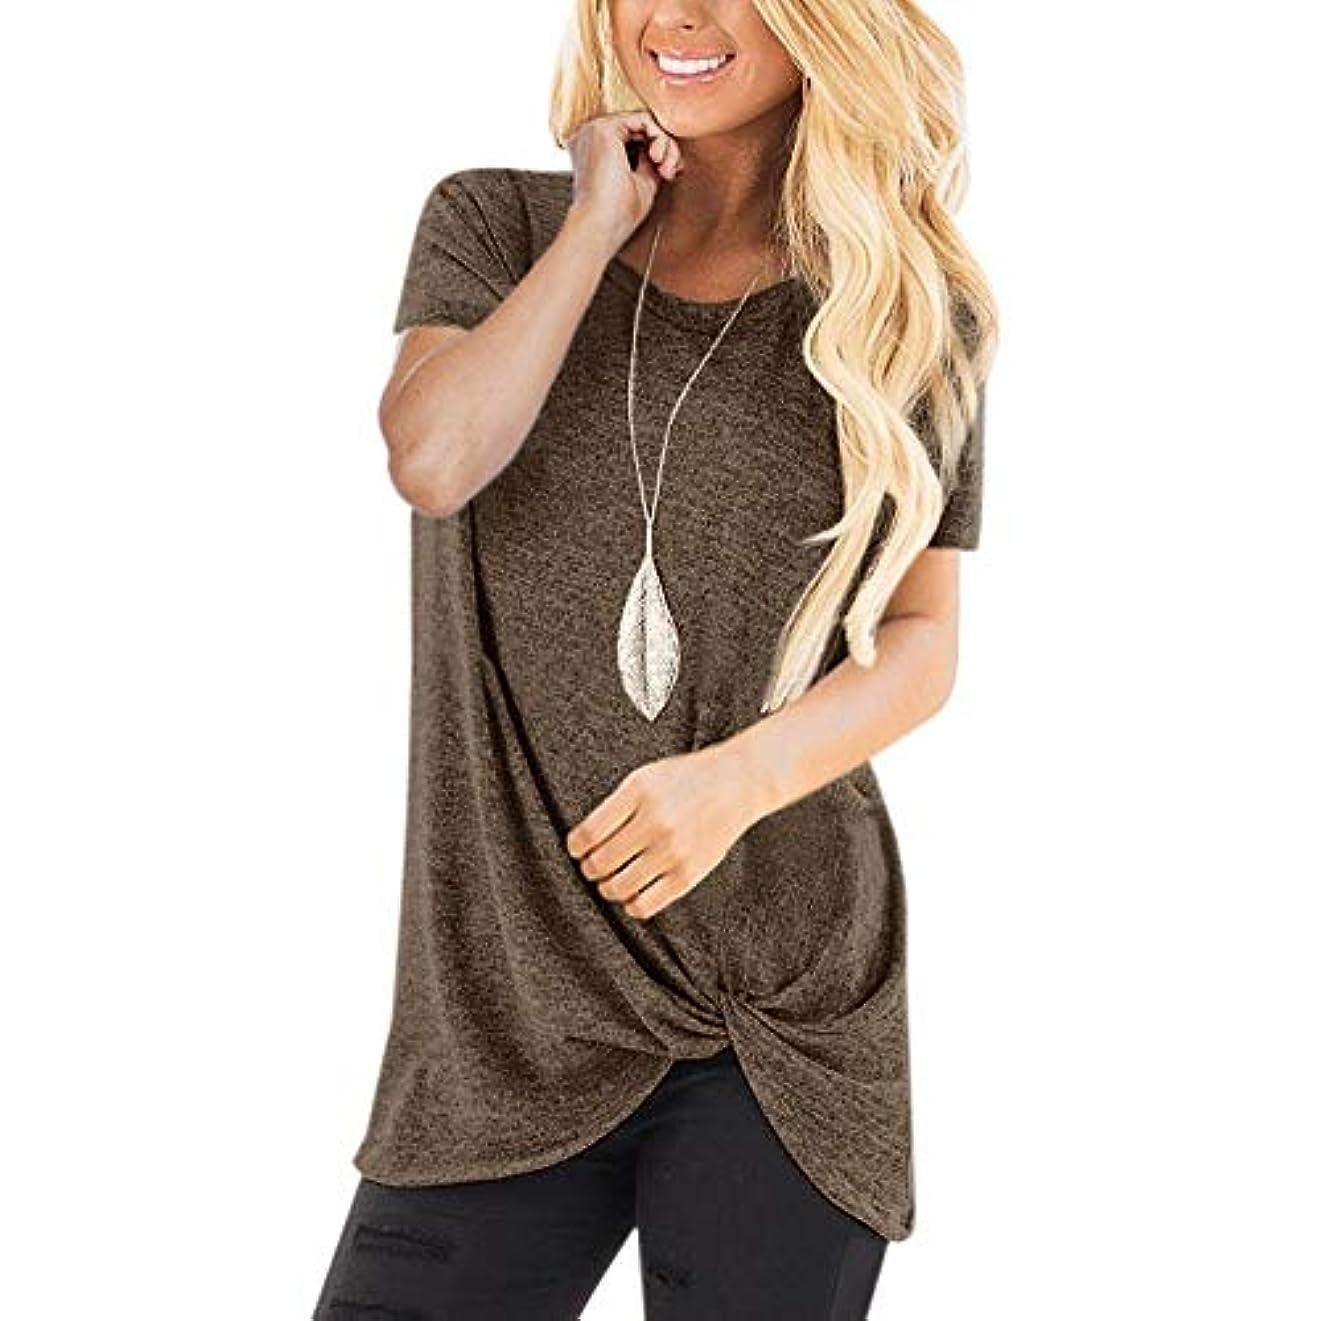 交差点うめき声バンケットMIFAN コットンTシャツ、カジュアルTシャツ、レディースブラウス、トップス&Tシャツ、プラスサイズ、ルーズtシャツ